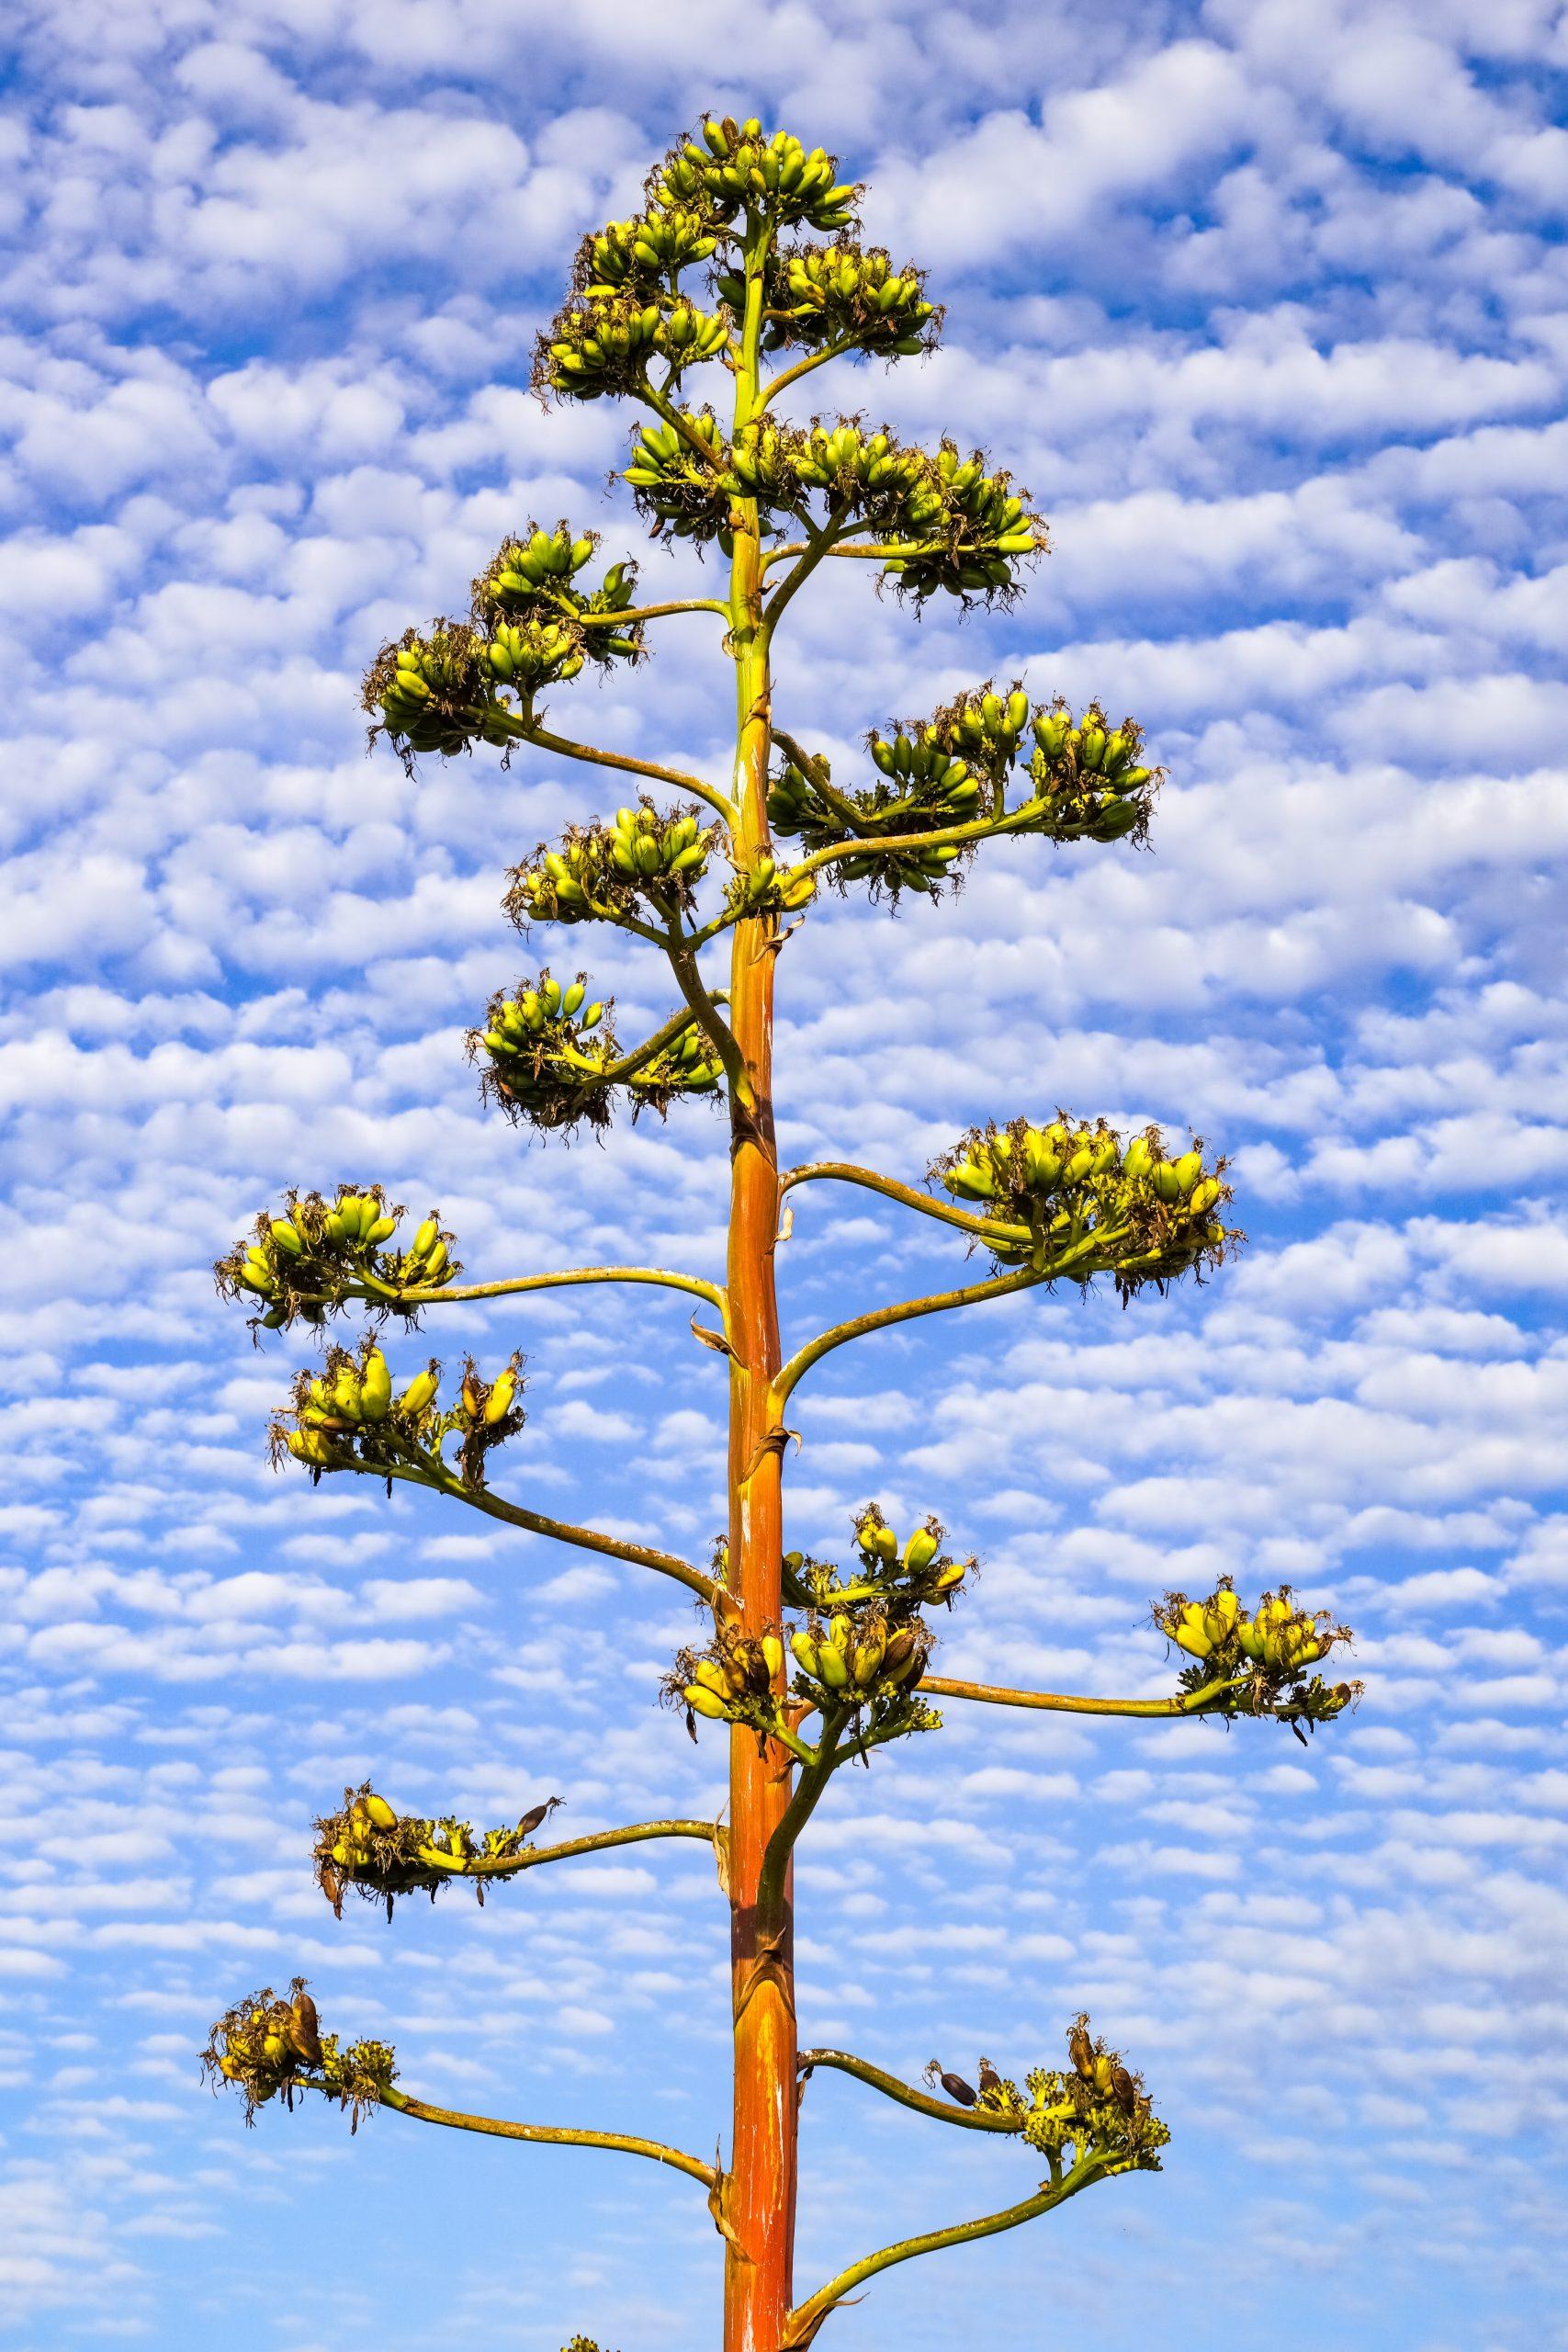 Quiote de Maguey espadín fotografia con el cielo con nubes aborregadas y un tono azul claro